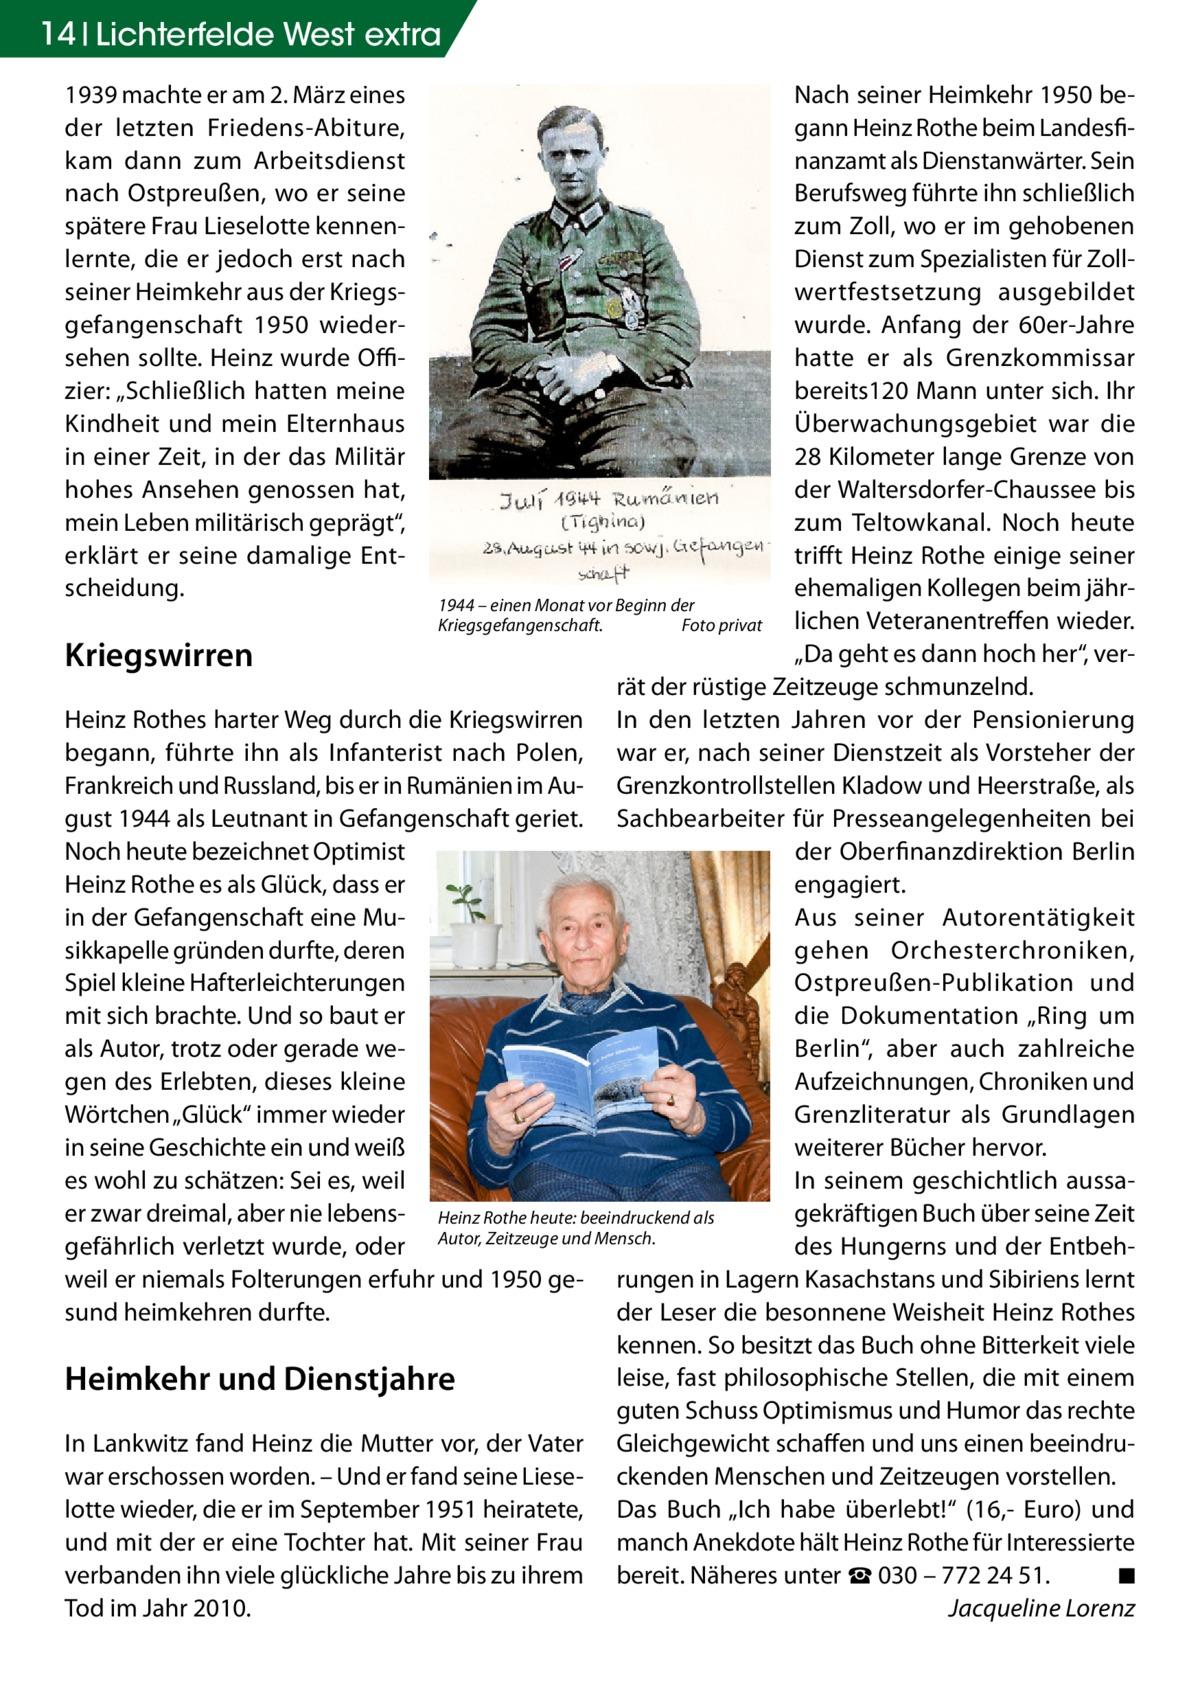 """14 Lichterfelde West extra Nach seiner Heimkehr 1950 begann Heinz Rothe beim Landesfinanzamt als Dienstanwärter. Sein Berufsweg führte ihn schließlich zum Zoll, wo er im gehobenen Dienst zum Spezialisten für Zollwertfestsetzung ausgebildet wurde. Anfang der 60er-Jahre hatte er als Grenzkommissar bereits120 Mann unter sich. Ihr Überwachungsgebiet war die 28Kilometer lange Grenze von der Waltersdorfer-Chaussee bis zum Teltowkanal. Noch heute trifft Heinz Rothe einige seiner ehemaligen Kollegen beim jähr1944 – einen Monat vor Beginn der lichen Veteranentreffen wieder. Kriegsgefangenschaft.� Foto privat """"Da geht es dann hoch her"""", verKriegswirren rät der rüstige Zeitzeuge schmunzelnd. Heinz Rothes harter Weg durch die Kriegswirren In den letzten Jahren vor der Pensionierung begann, führte ihn als Infanterist nach Polen, war er, nach seiner Dienstzeit als Vorsteher der Frankreich und Russland, bis er in Rumänien im Au- Grenzkontrollstellen Kladow und Heerstraße, als gust 1944 als Leutnant in Gefangenschaft geriet. Sachbearbeiter für Presseangelegenheiten bei Noch heute bezeichnet Optimist der Oberfinanzdirektion Berlin Heinz Rothe es als Glück, dass er engagiert. Aus seiner Autorentätigkeit in der Gefangenschaft eine Musikkapelle gründen durfte, deren gehen Orchesterchroniken, Spiel kleine Hafterleichterungen Ostpreußen-Publikation und mit sich brachte. Und so baut er die Dokumentation """"Ring um als Autor, trotz oder gerade weBerlin"""", aber auch zahlreiche gen des Erlebten, dieses kleine Aufzeichnungen, Chroniken und Wörtchen """"Glück"""" immer wieder Grenzliteratur als Grundlagen in seine Geschichte ein und weiß weiterer Bücher hervor. es wohl zu schätzen: Sei es, weil In seinem geschichtlich aussaer zwar dreimal, aber nie lebens- Heinz Rothe heute: beeindruckend als gekräftigen Buch über seine Zeit gefährlich verletzt wurde, oder Autor, Zeitzeuge und Mensch. des Hungerns und der Entbehweil er niemals Folterungen erfuhr und 1950 ge- rungen in Lagern Kasachstans und Sibiriens l"""